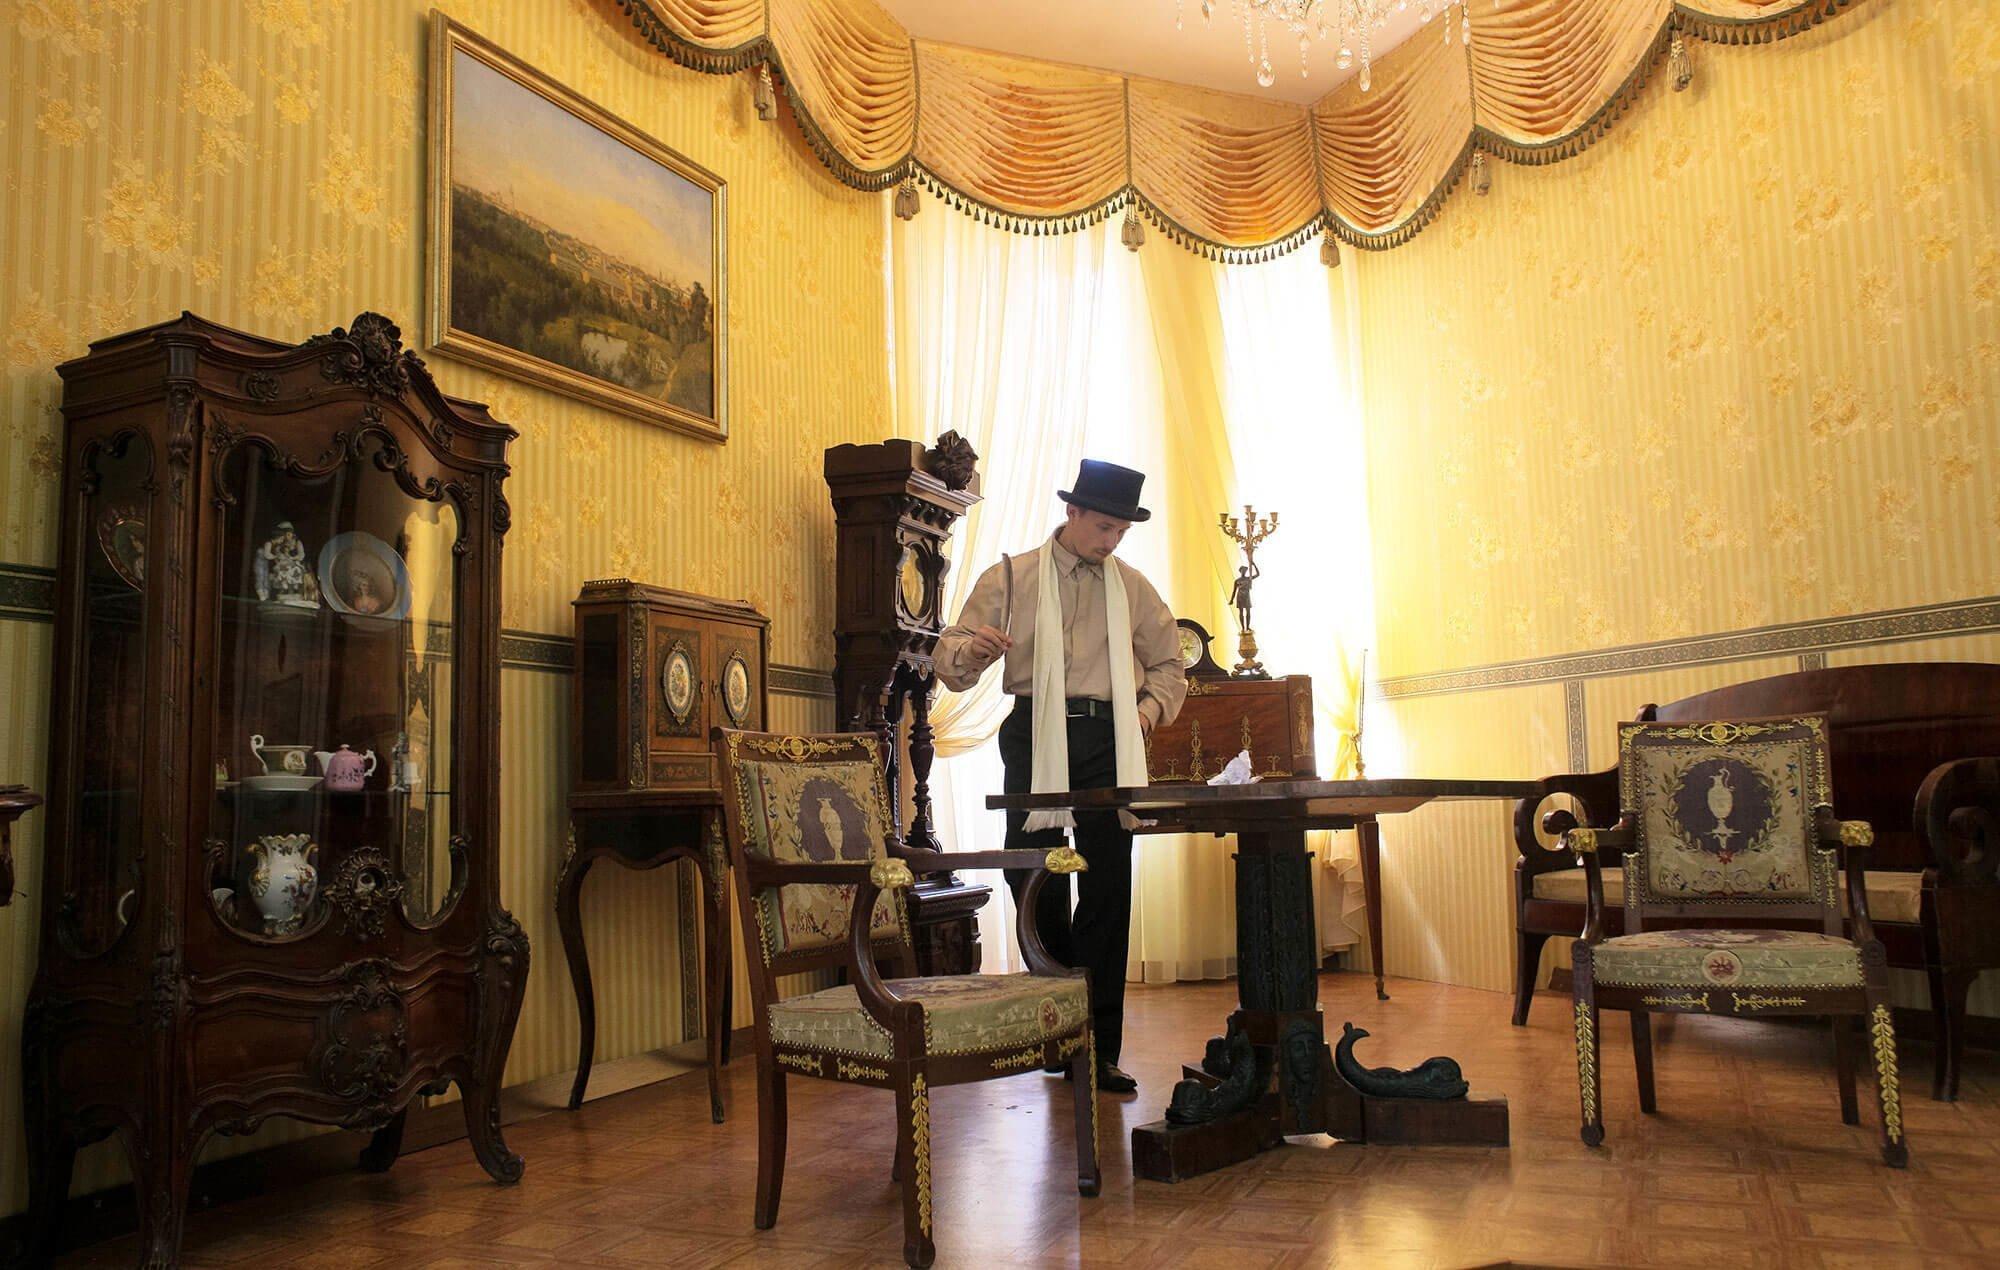 Киевские музеи, обязательные к посещению